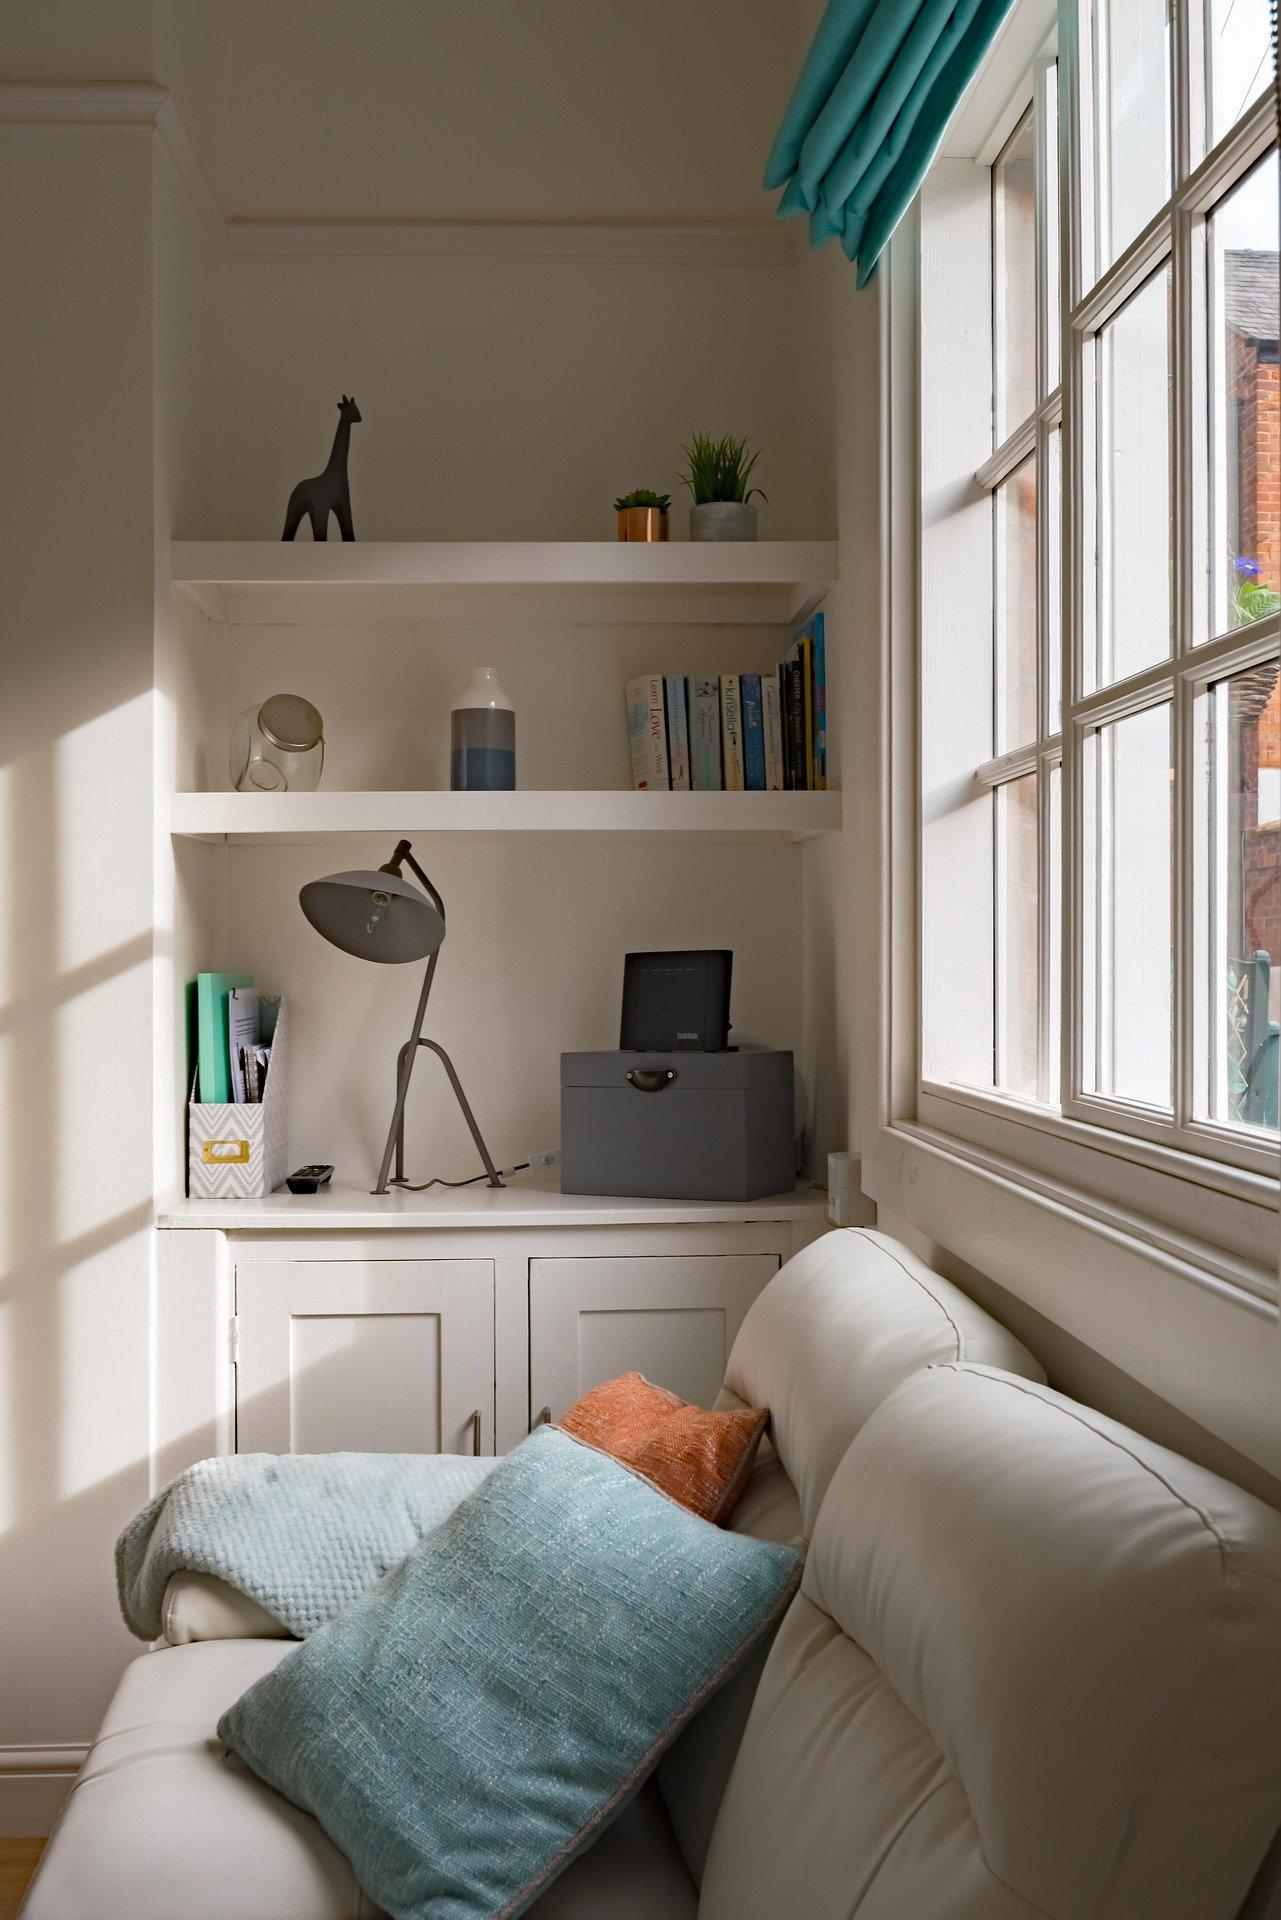 белые рамы деревянных окон привносят дополнительный свет в помещение